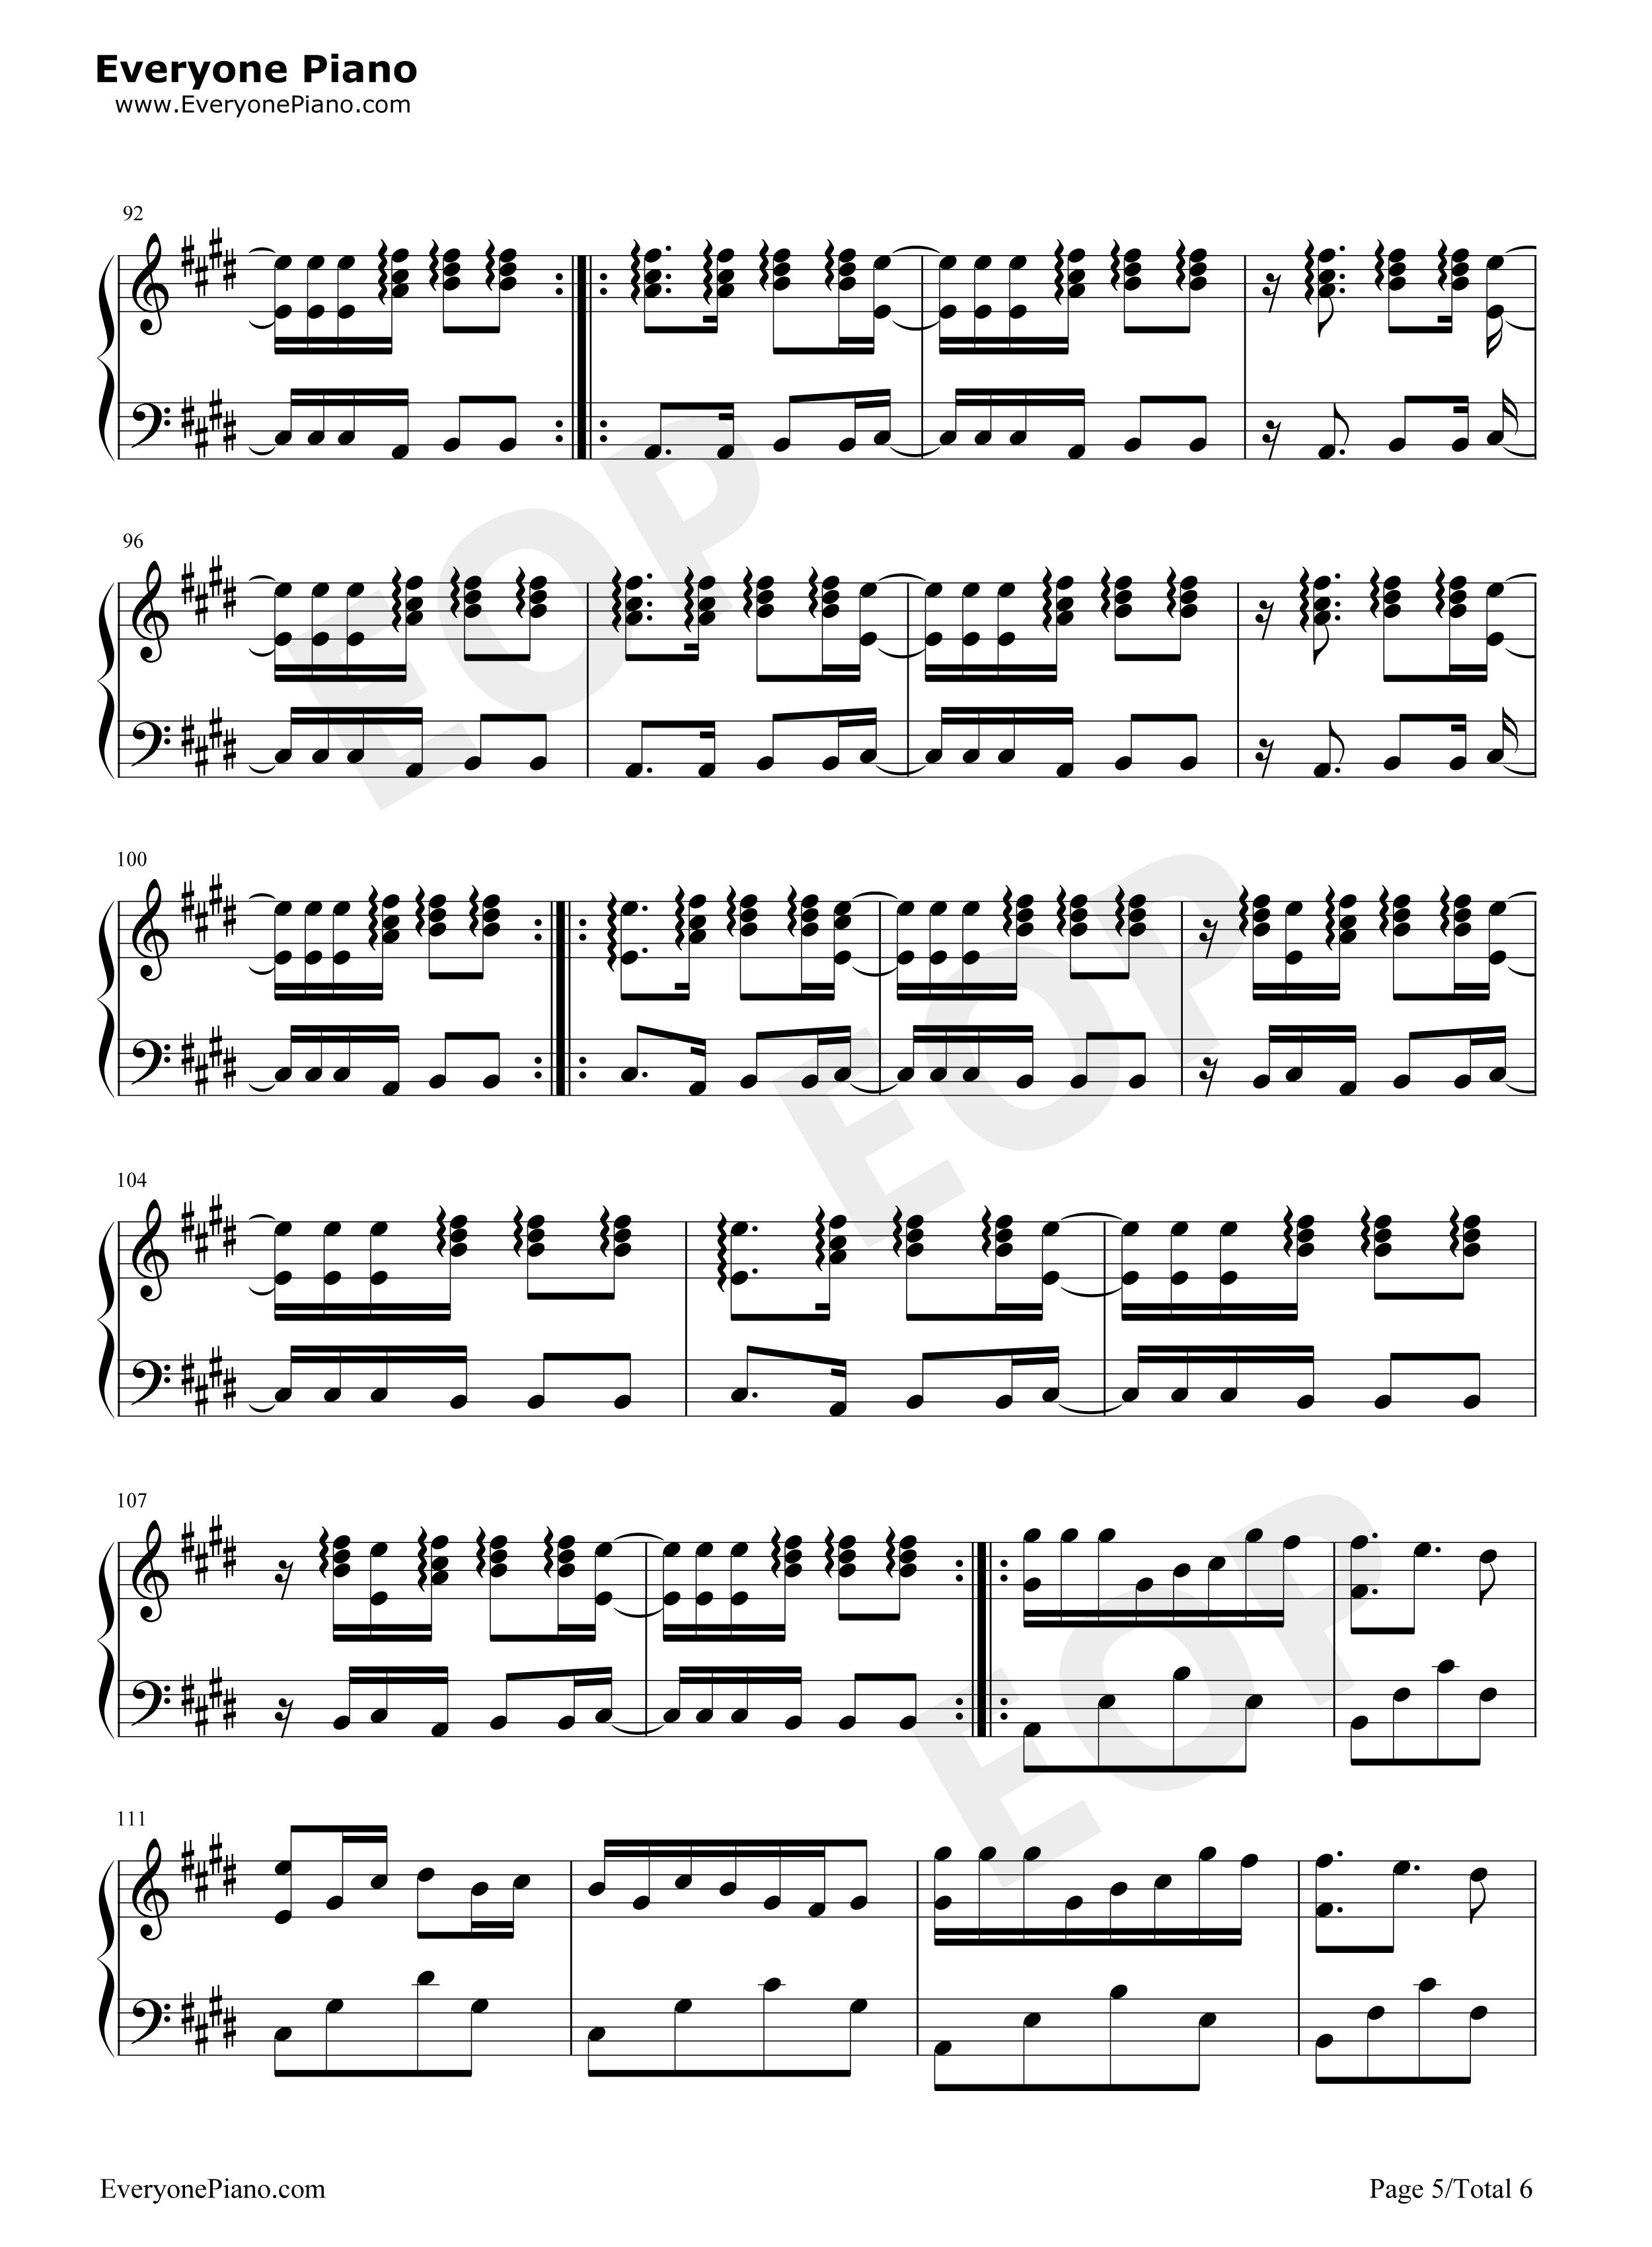 yur Eop教学曲五线谱预览5 钢琴谱档 五线谱 双手简谱 数位谱 Midi